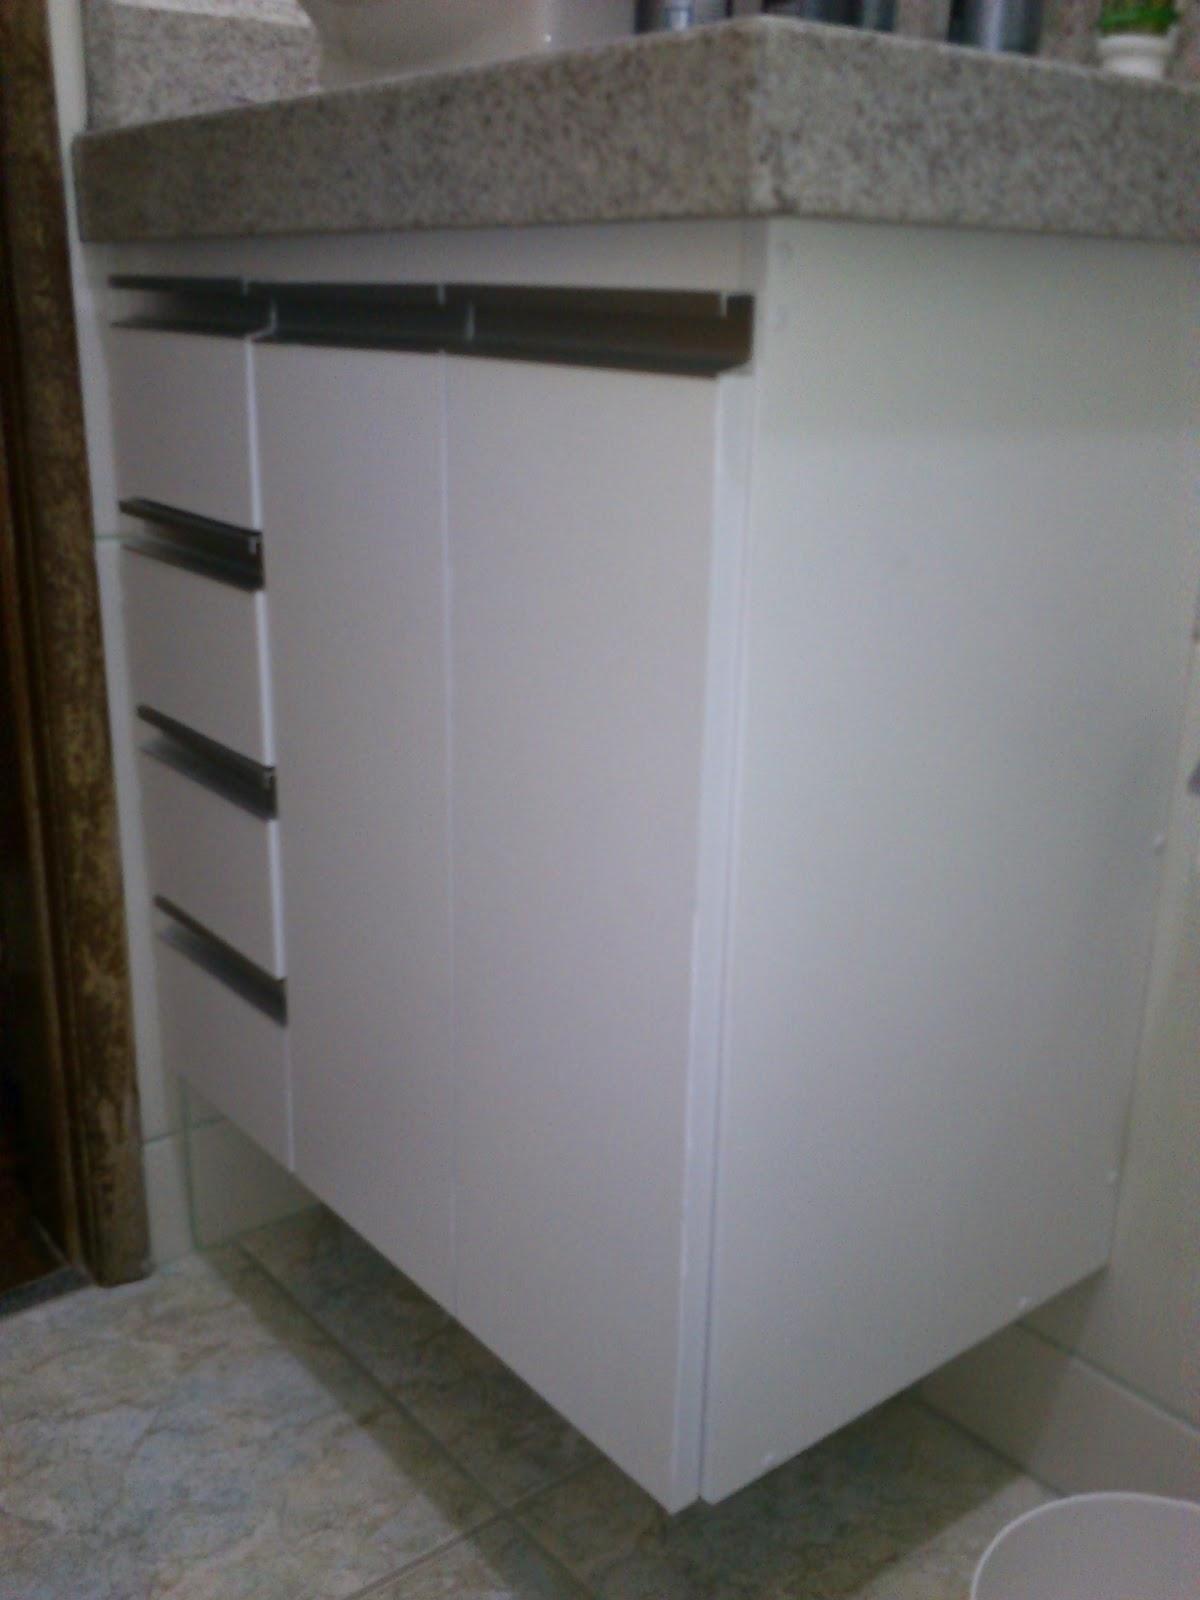 Armário para Banheiro (Padrão Branco) Puxadores em Perfil de  #363329 1200x1600 Armario Banheiro De Aluminio